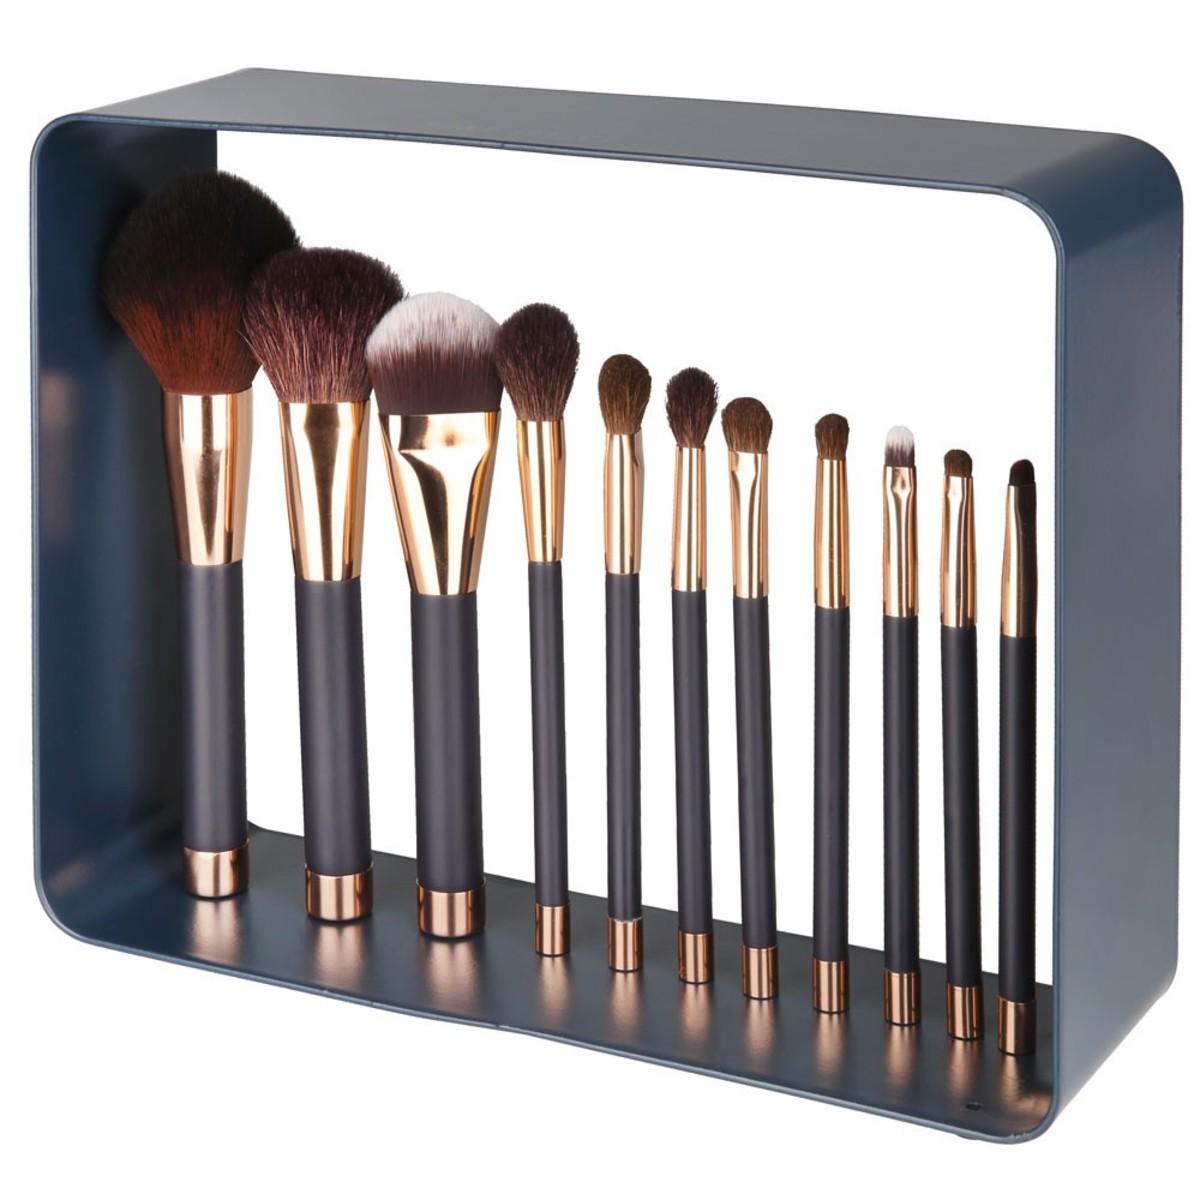 Bild 3 von Kosmetikpinsel-Set mit Magnet, 12-teilig